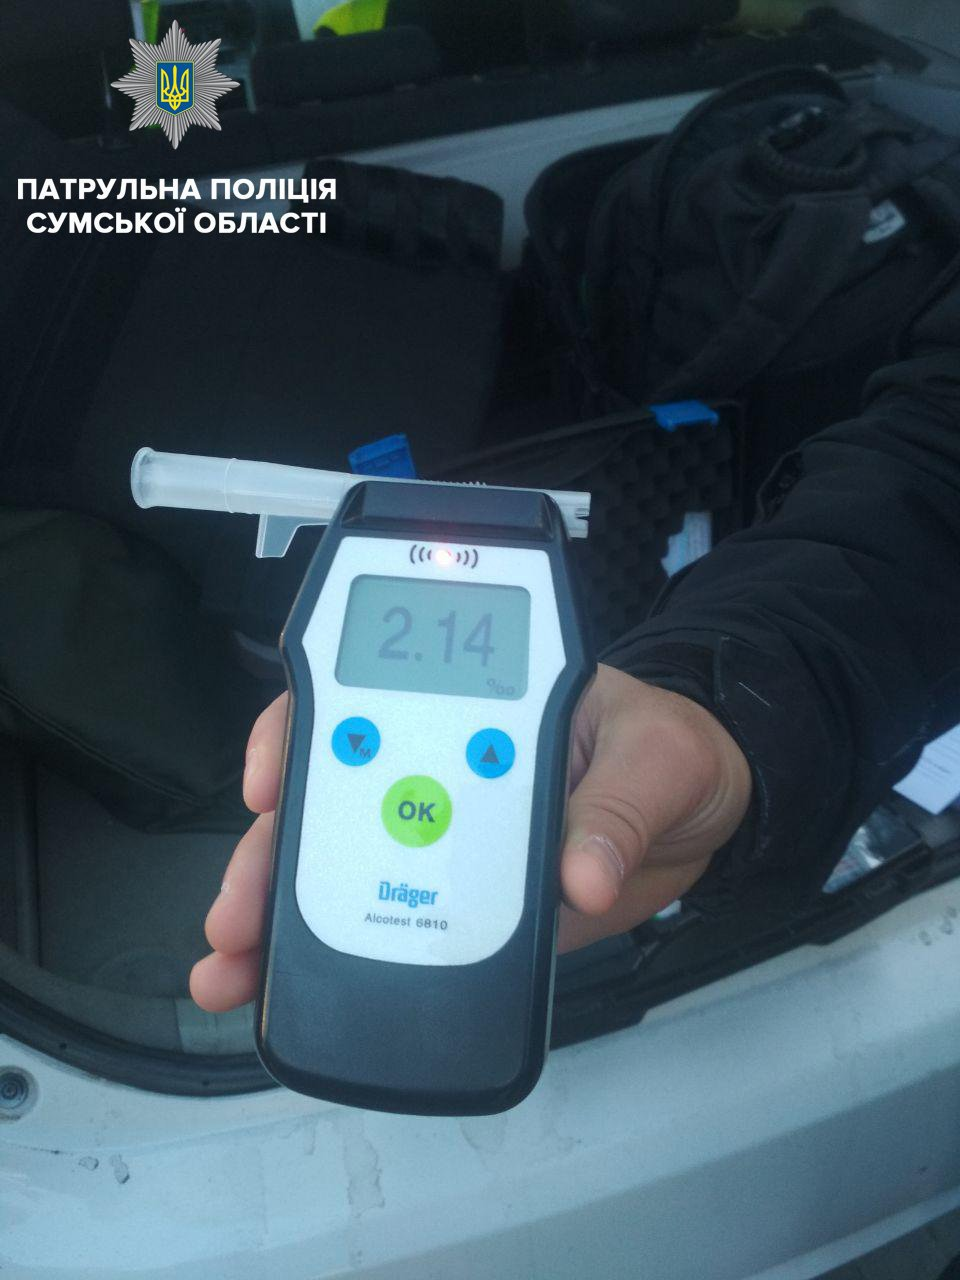 В 11 раз выше нормы: в Сумах обнаружили очередного нетрезвого водителя , фото-1